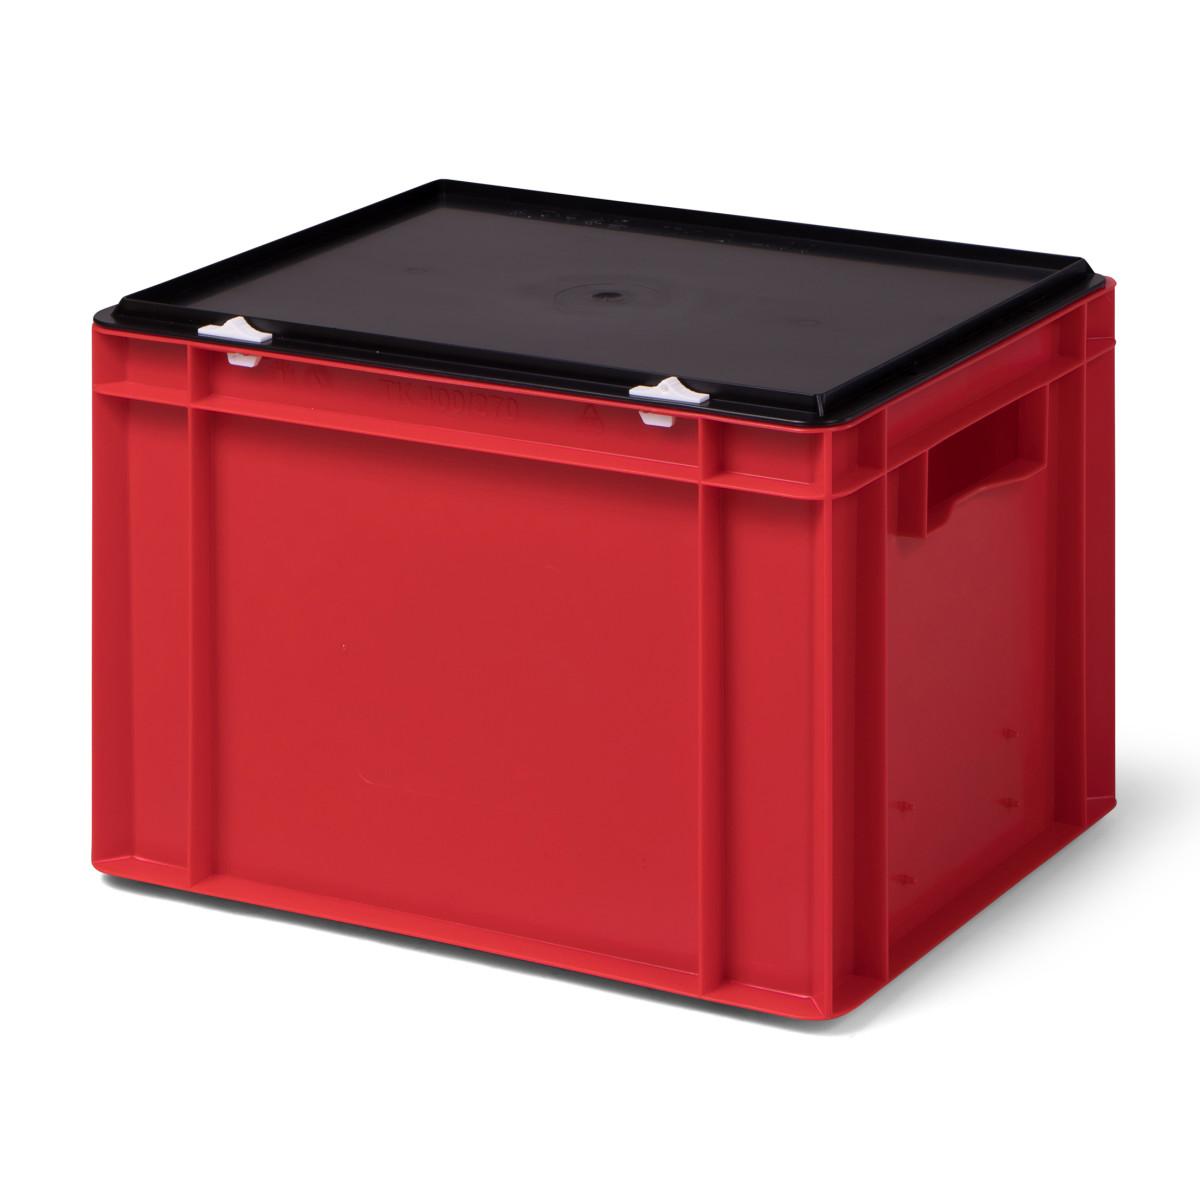 transport stapelbox k tk 400 270 0 mit schwarzem. Black Bedroom Furniture Sets. Home Design Ideas